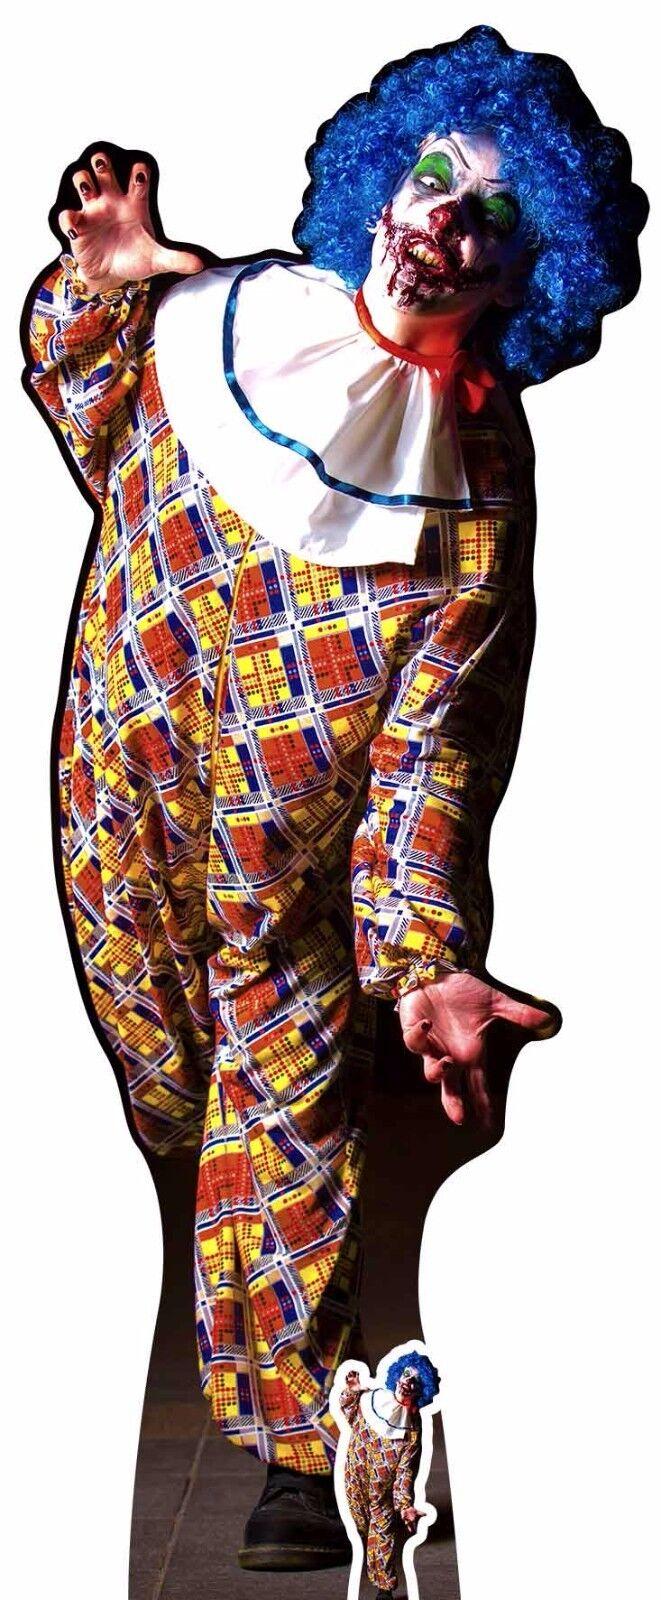 Gruselig Herren   Jungen Killer Clown Halloween lebensechte Größe und Pappfigur